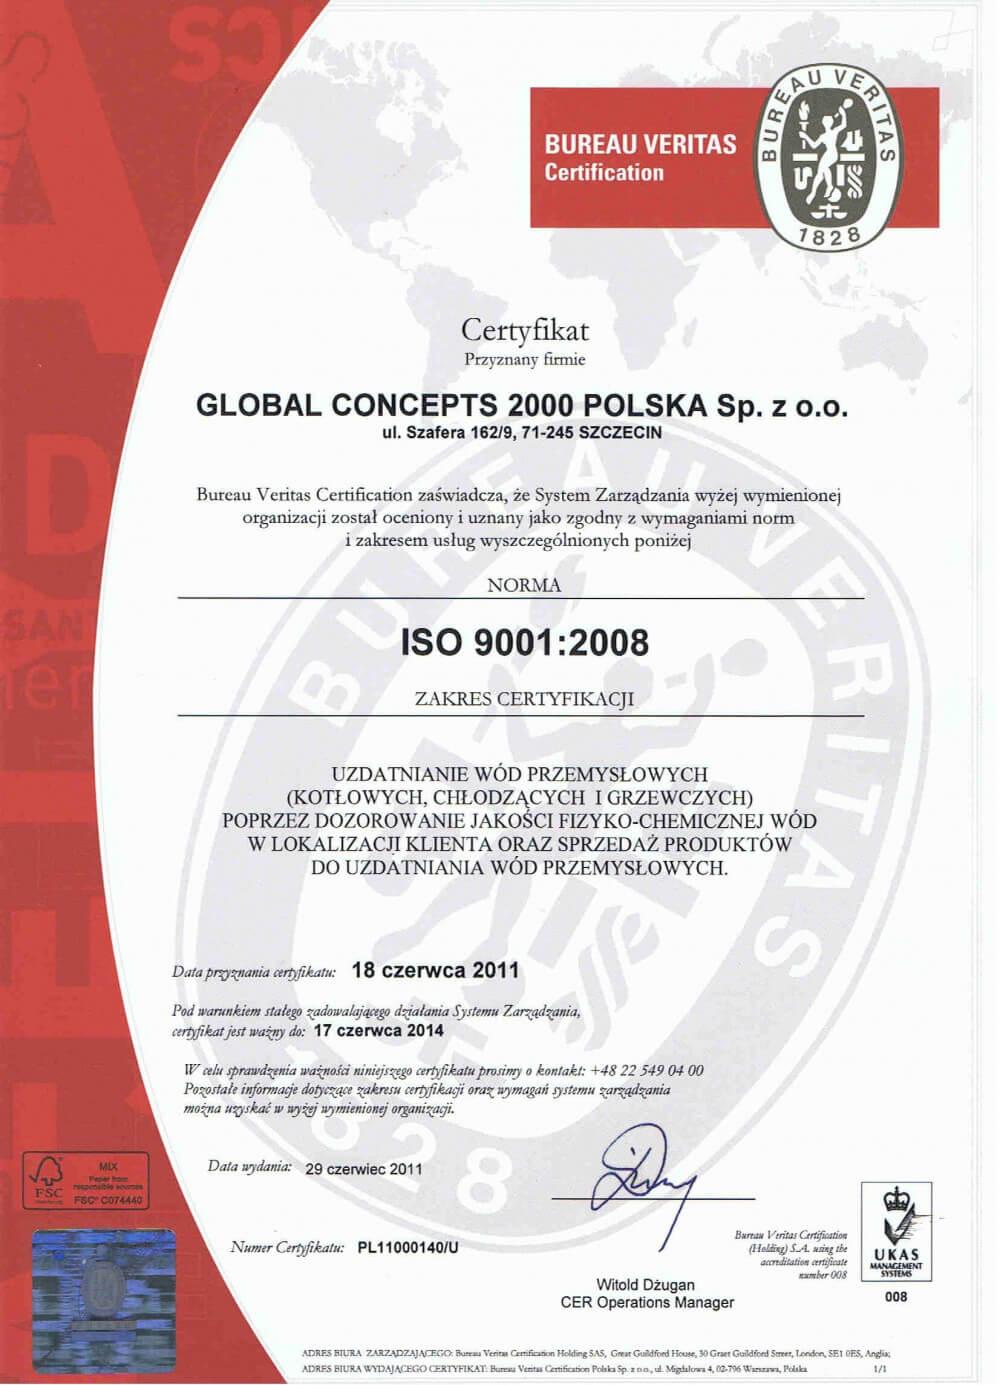 2pl Certyfikaty jakości